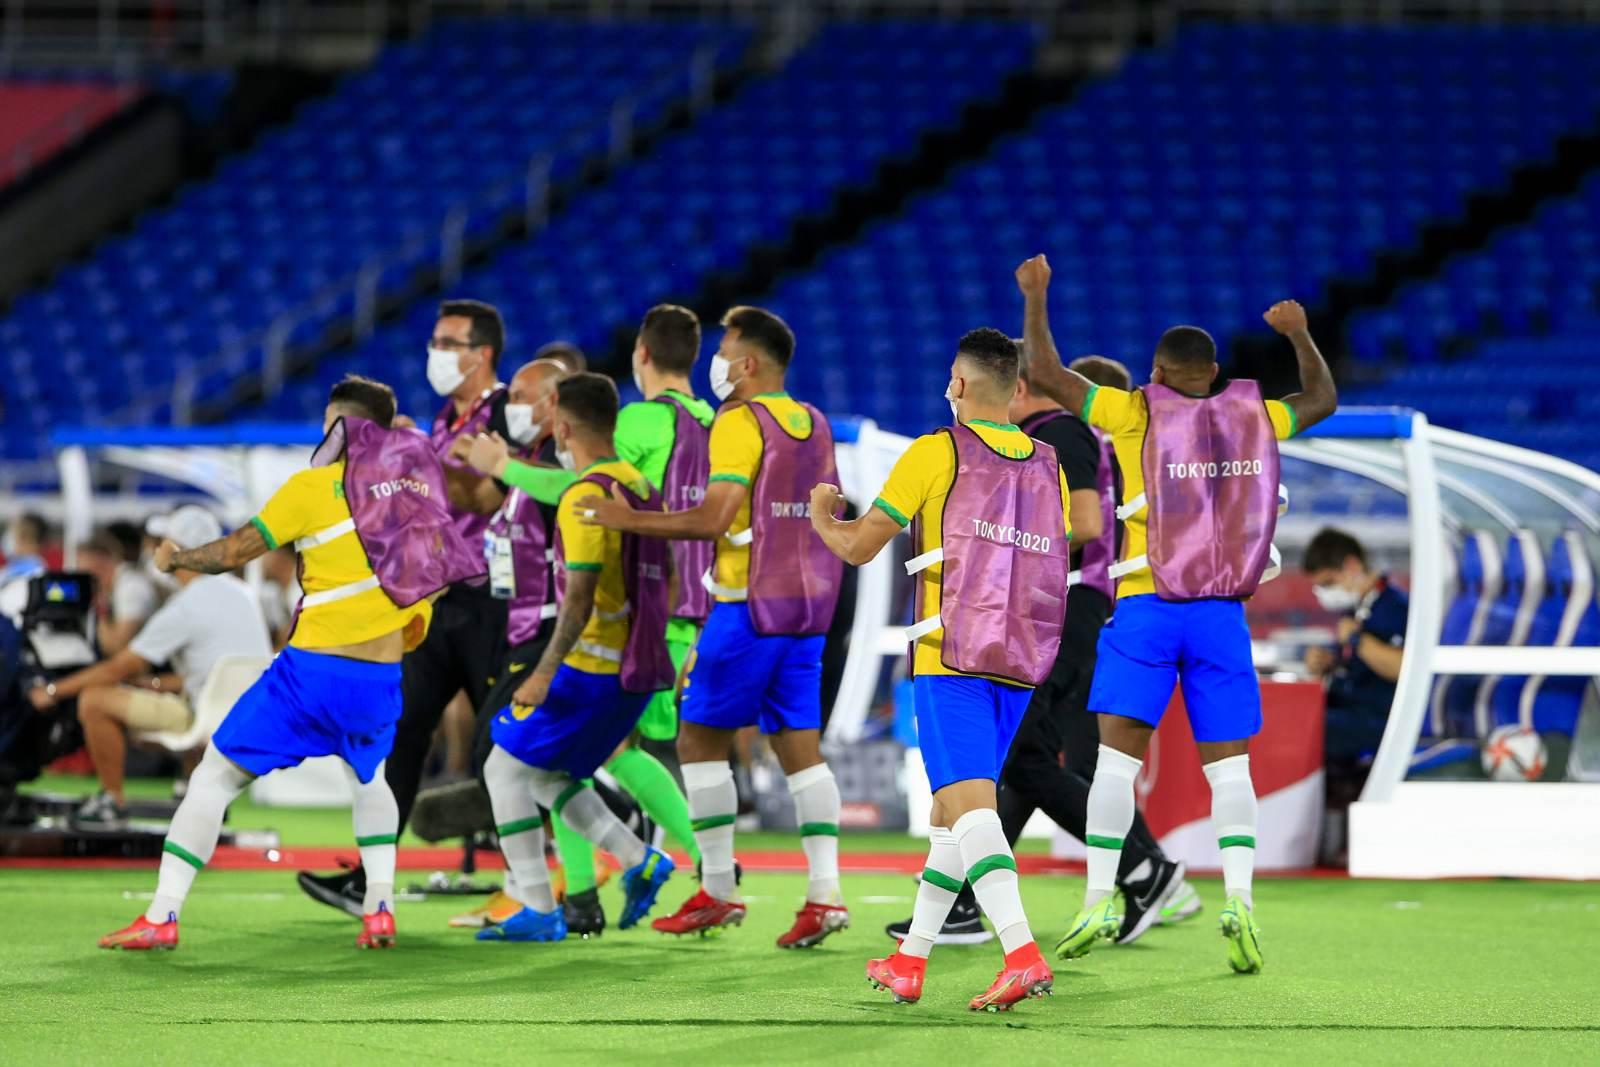 Сборная Бразилии победила Мексику в серии пенальти и стала финалистом Олимпийских игр